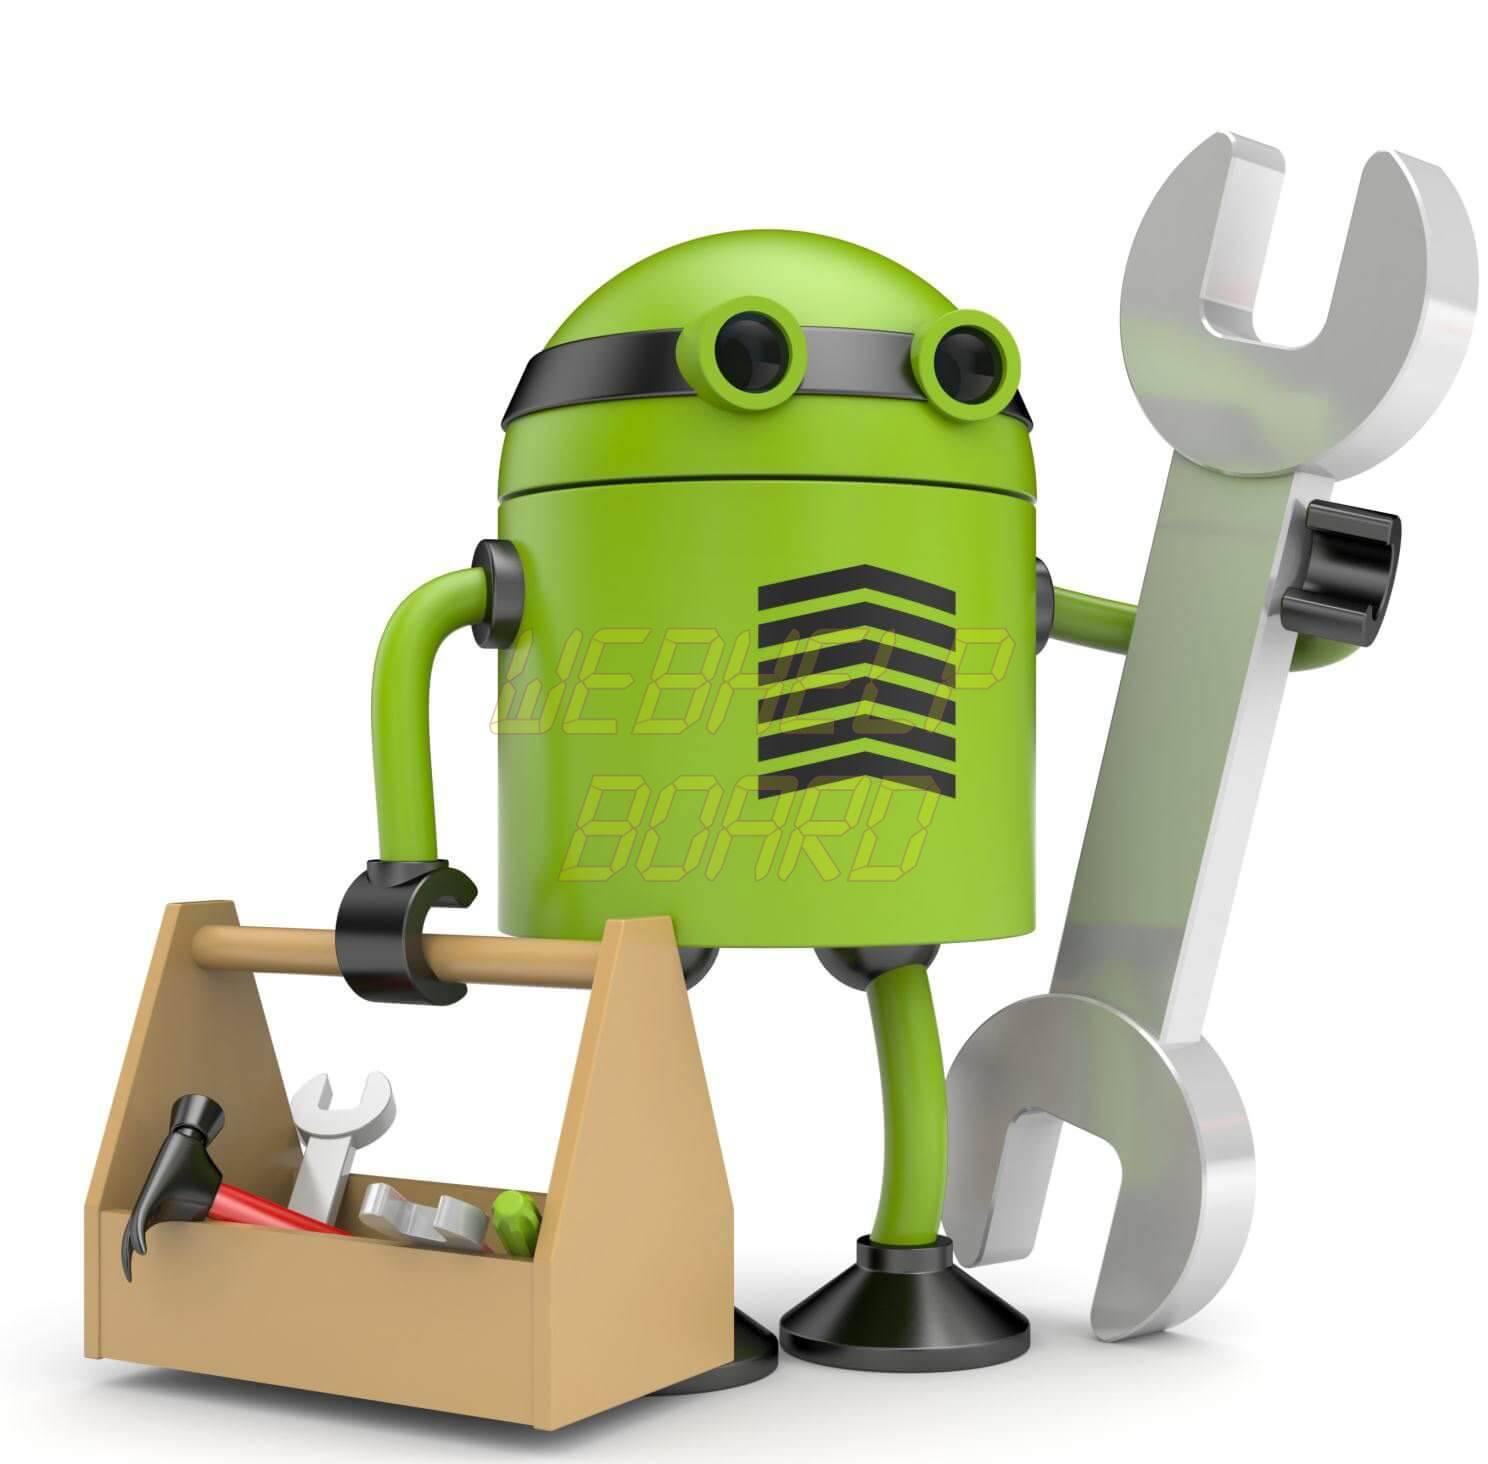 android app dev - Melhores cursos gratuitos de programação mobile